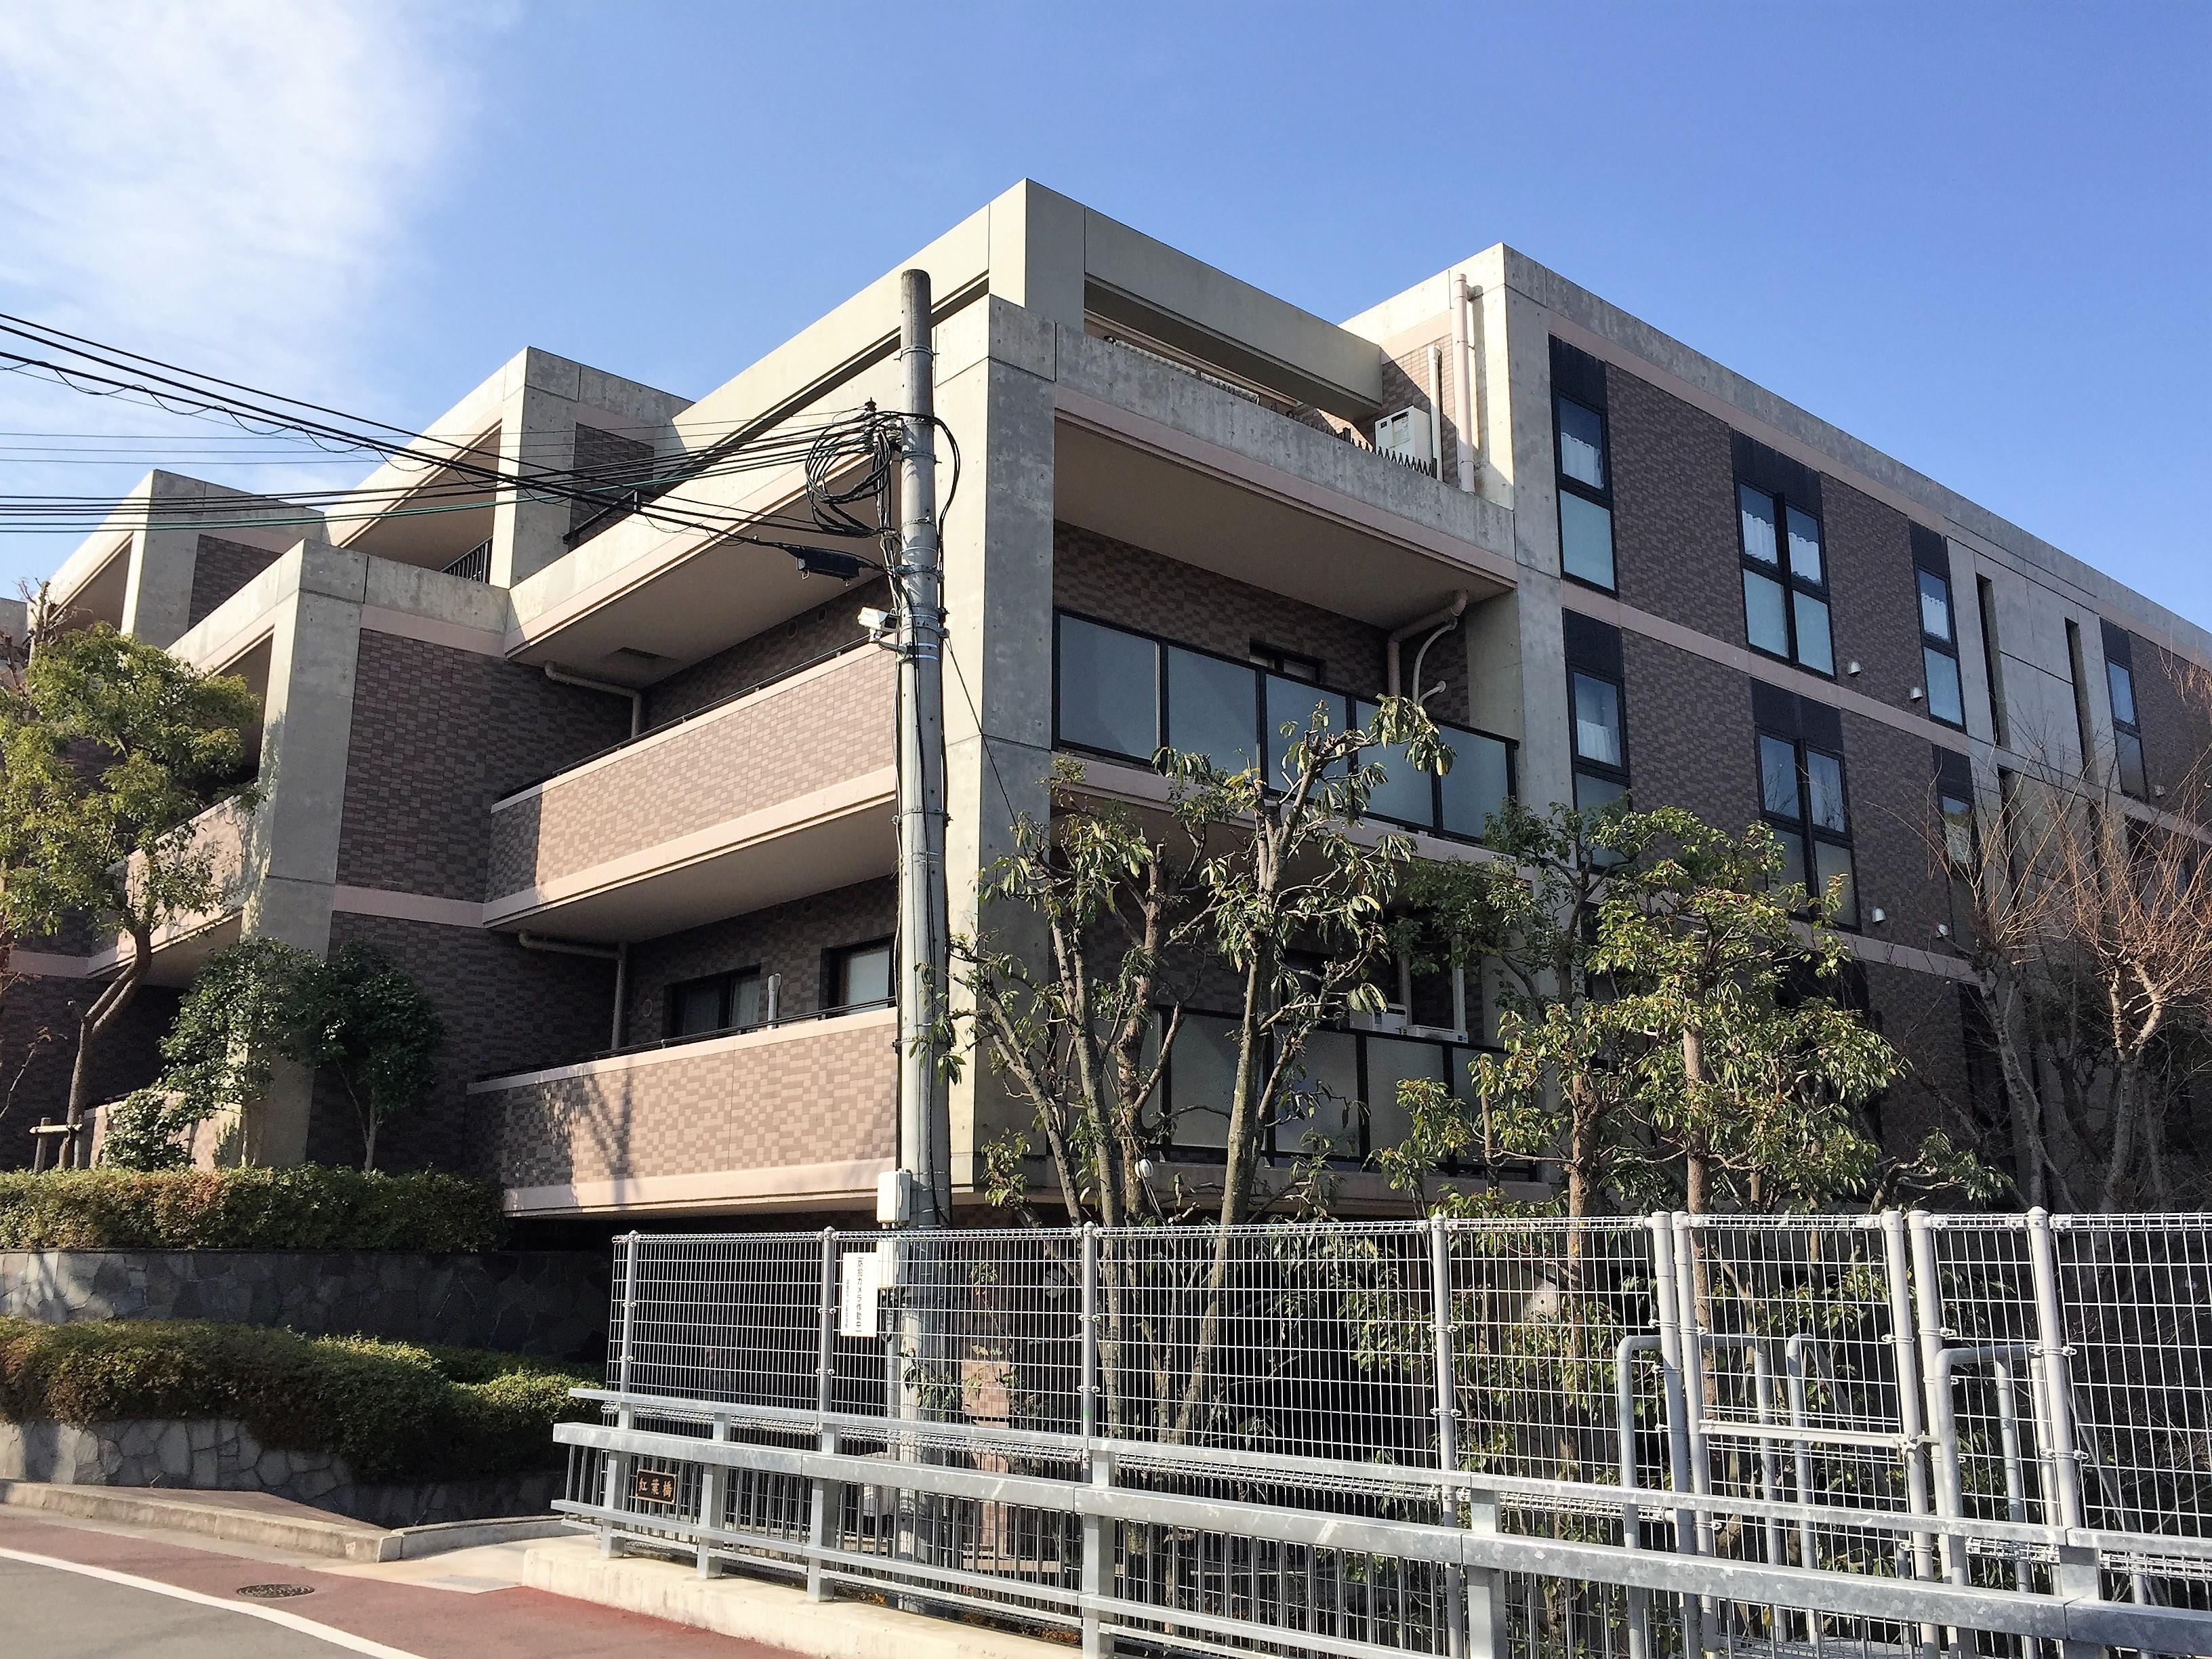 川西市・宝塚市の新築一戸建て、中古マンションはあんしん不動産